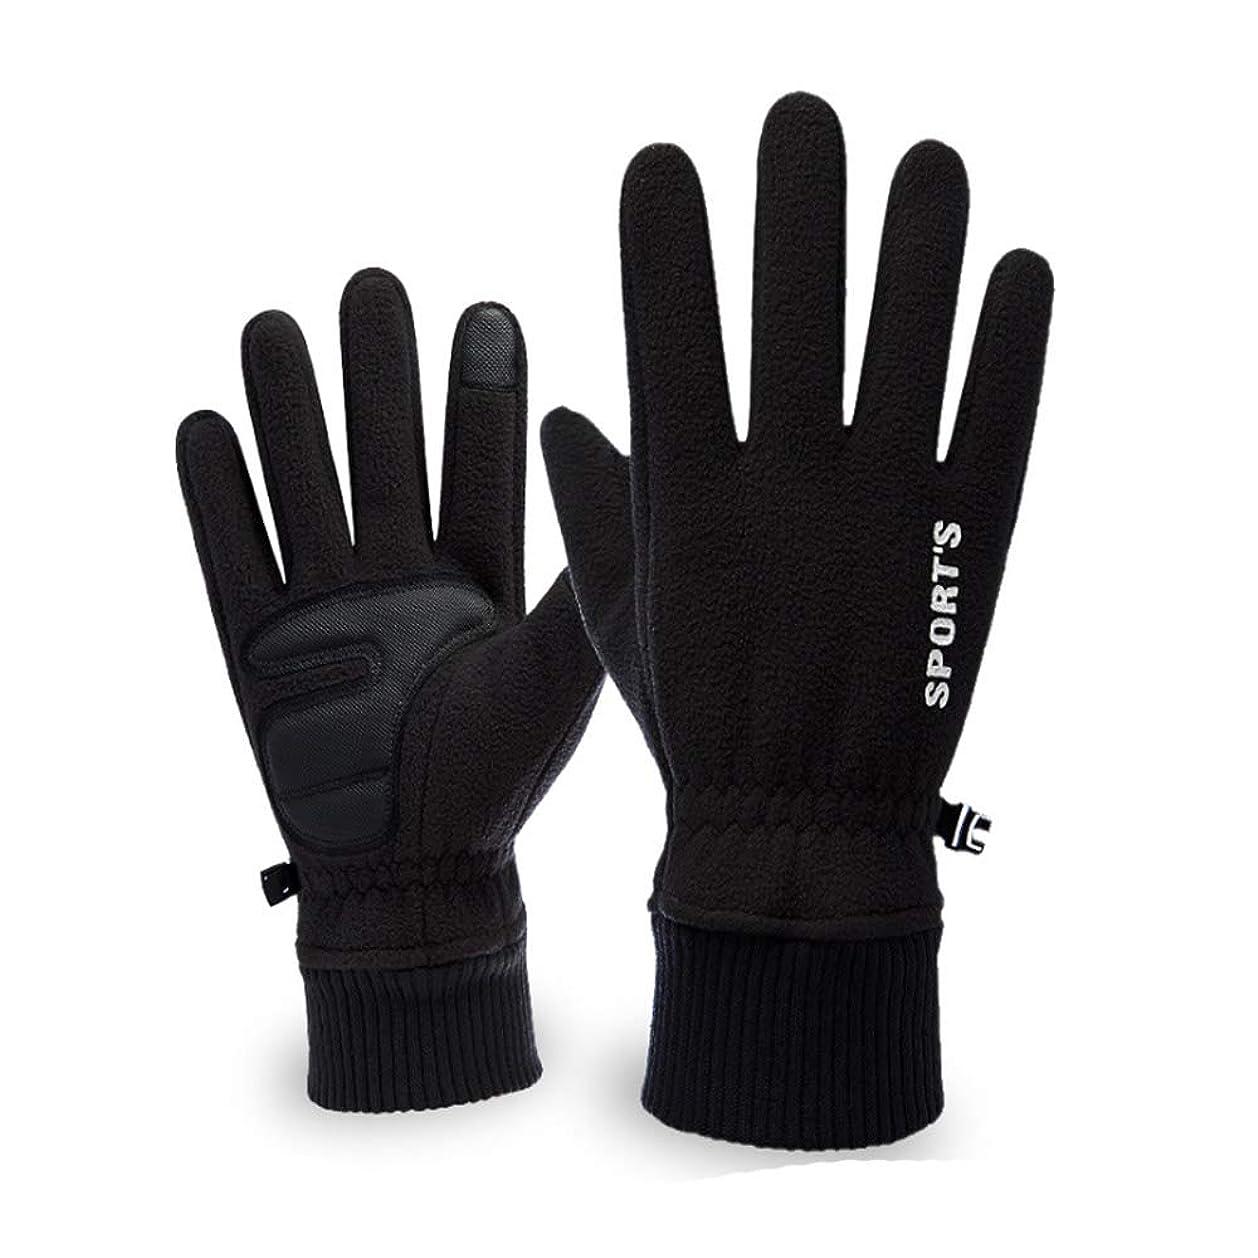 包括的緩む私のサイクルグローブ 防寒 防水 スマホ対応 通気性抜群 発熱素材 手袋 ロードバイク スポーツ ジム トレーニング 耐磨耗性 換気性 衝撃吸収パット スマホ対応 フリーサイズ